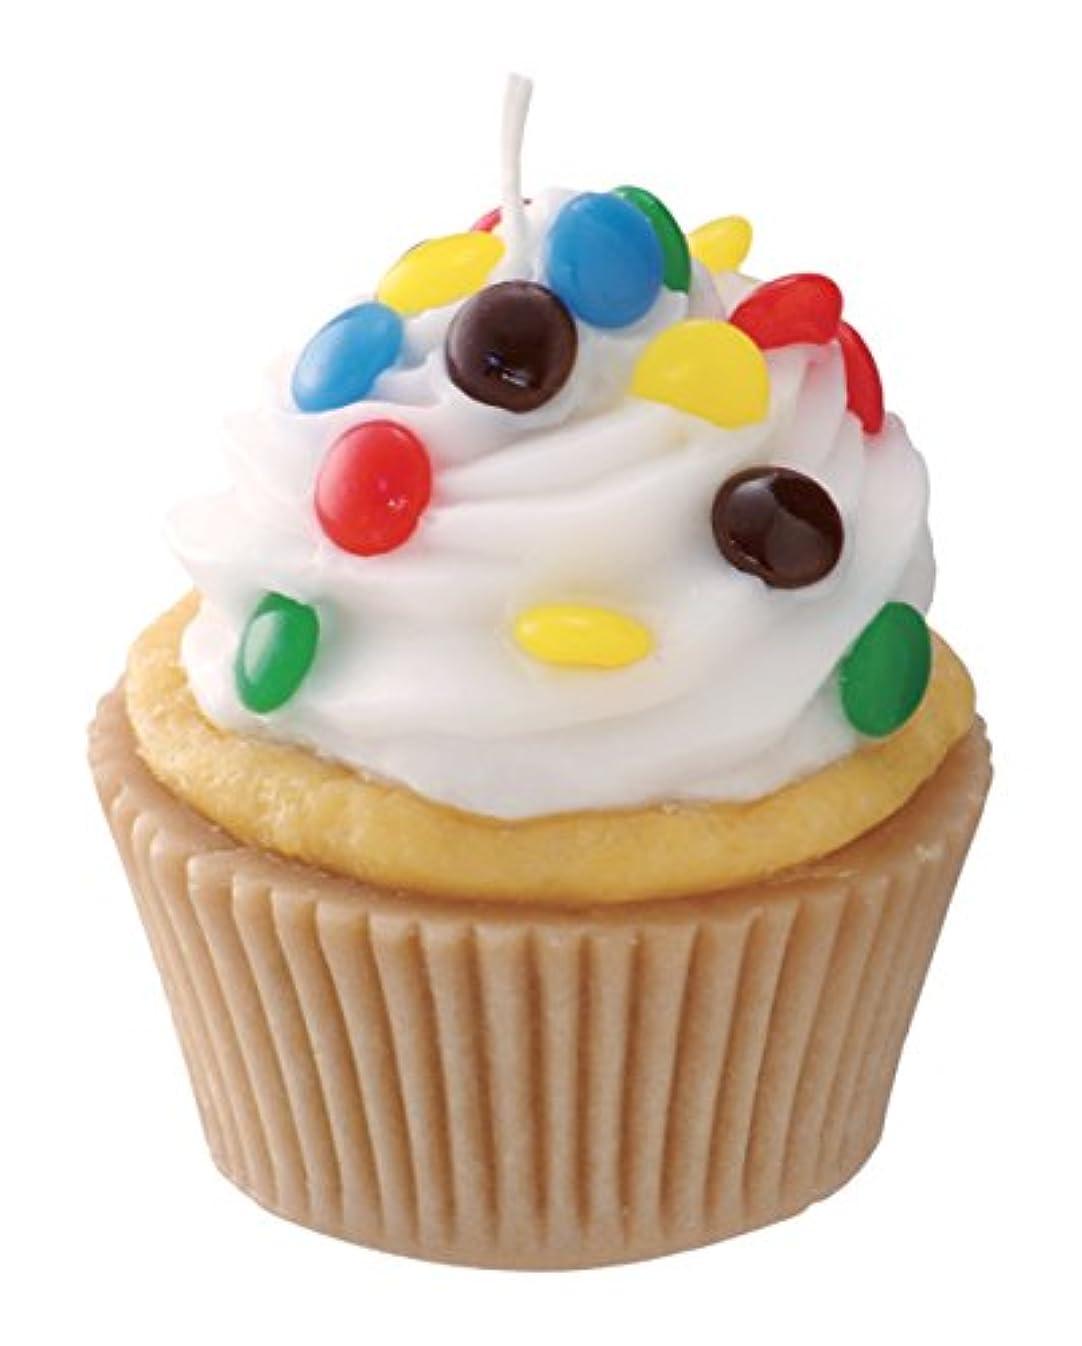 伝記縞模様の毎回カメヤマキャンドルハウス 本物そっくり! アメリカンカップケーキキャンドル ホワイトクリーム チョコレートの香り